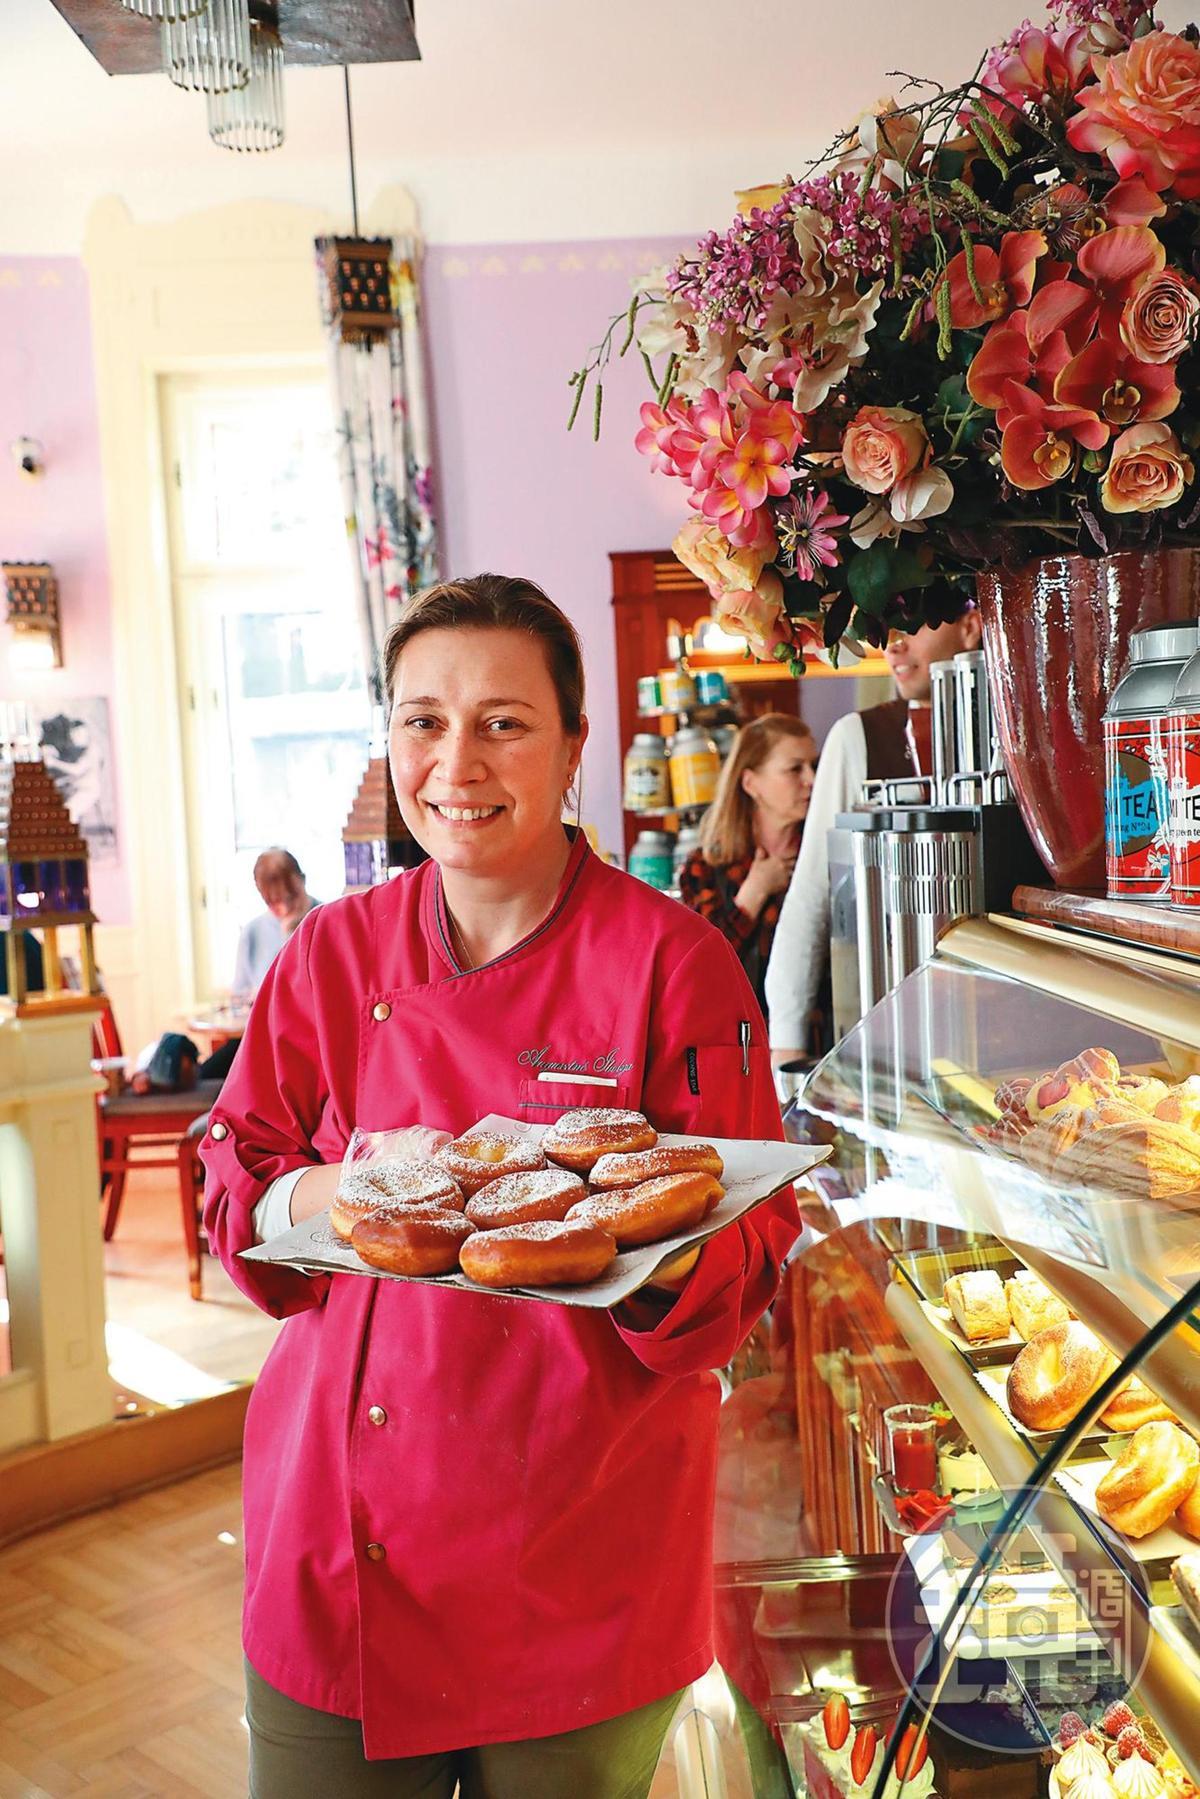 甜點店女主人Szöcs Ibolya手上拿的甜甜圈,是Márta的最愛。